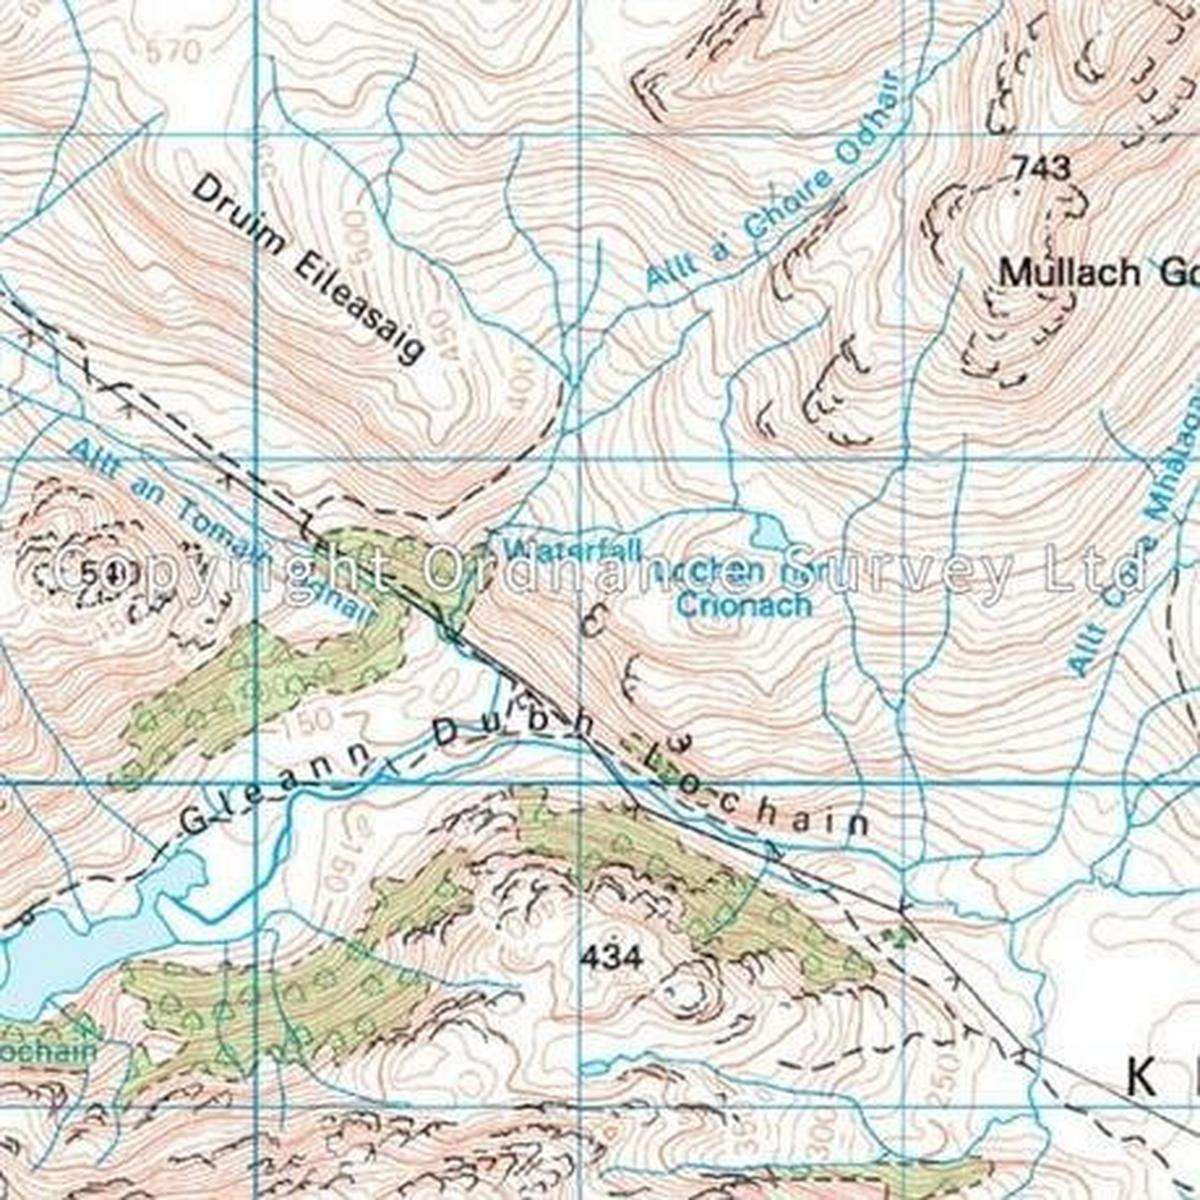 Ordnance Survey OS Landranger Map 33 Loch Alsh, Glen Shiel & Loch Hourn